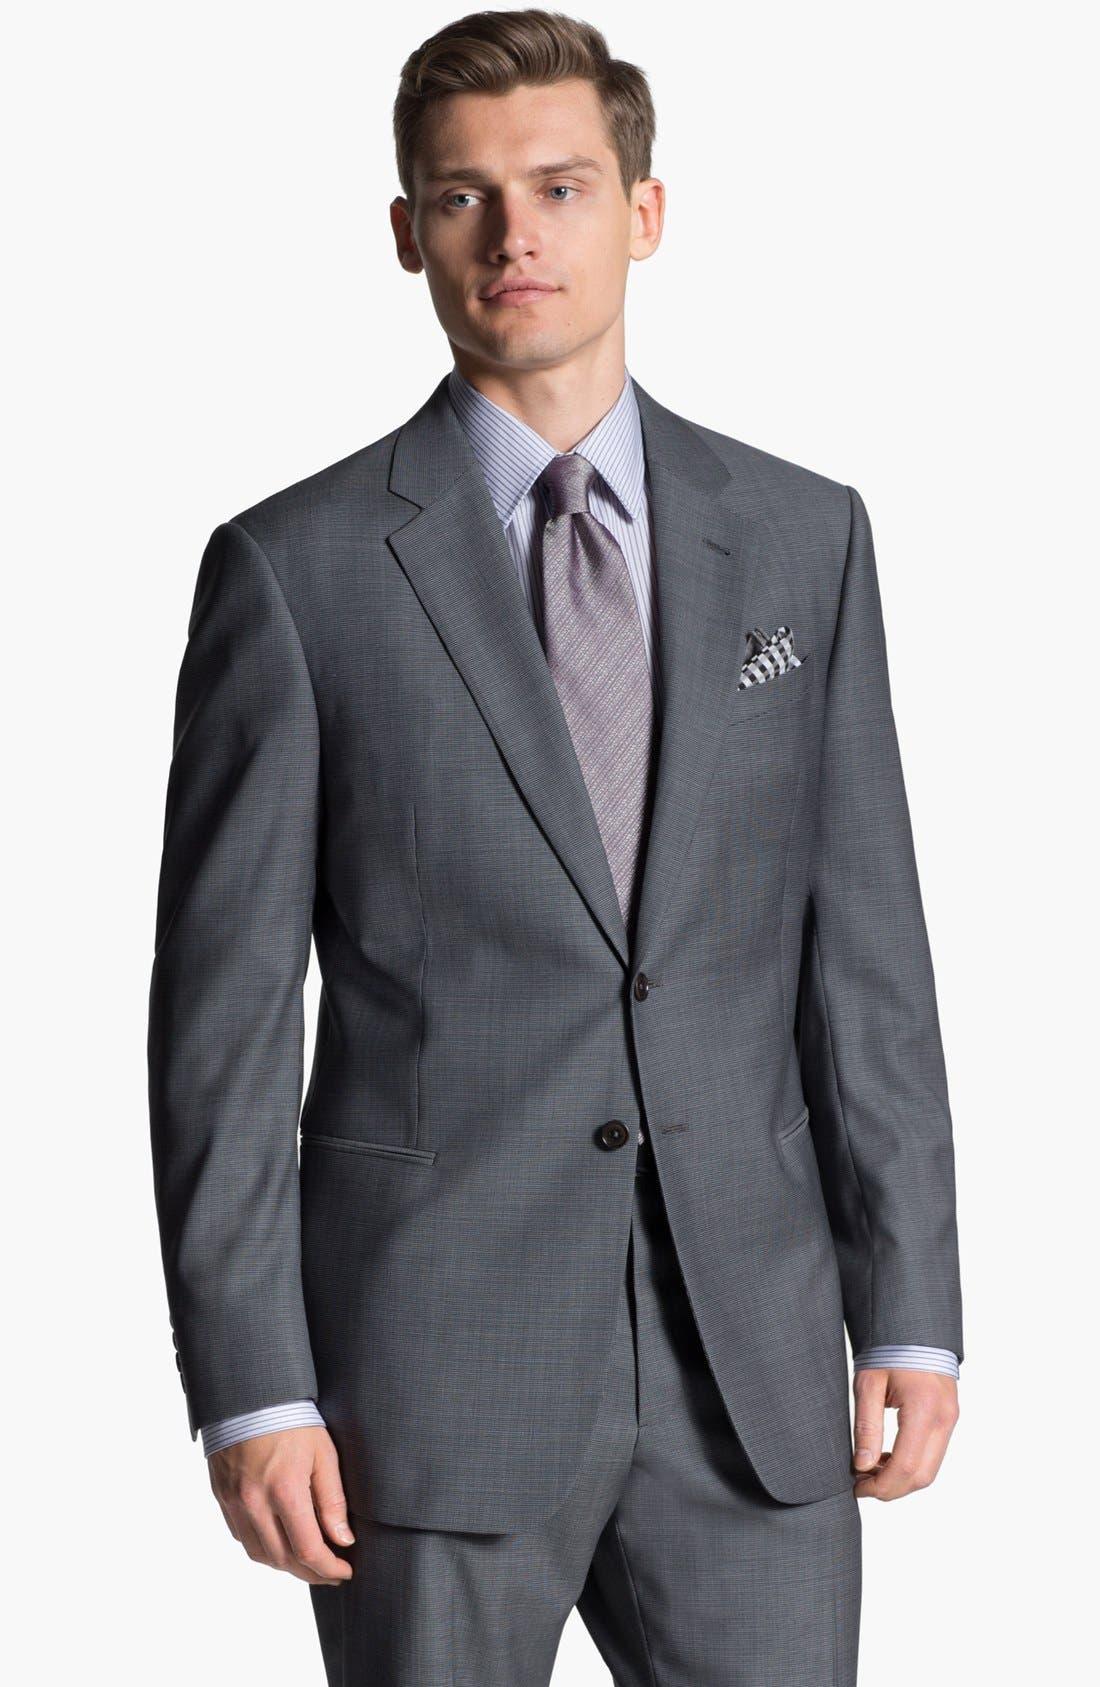 Main Image - Armani Collezioni 'Giorgio' Tic Weave Wool Suit